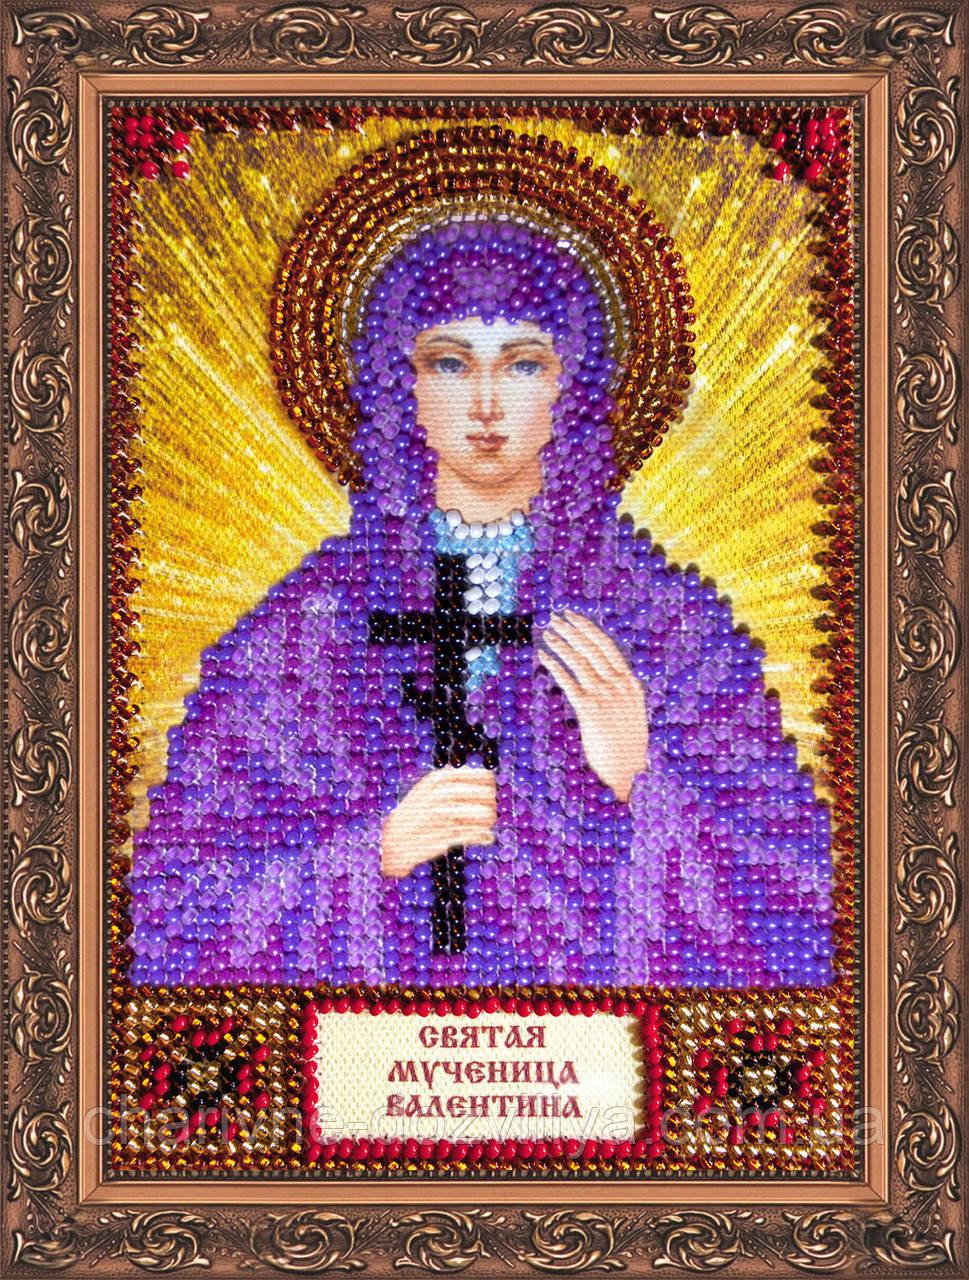 Набор для вышивки бисером икона Святая Валентина